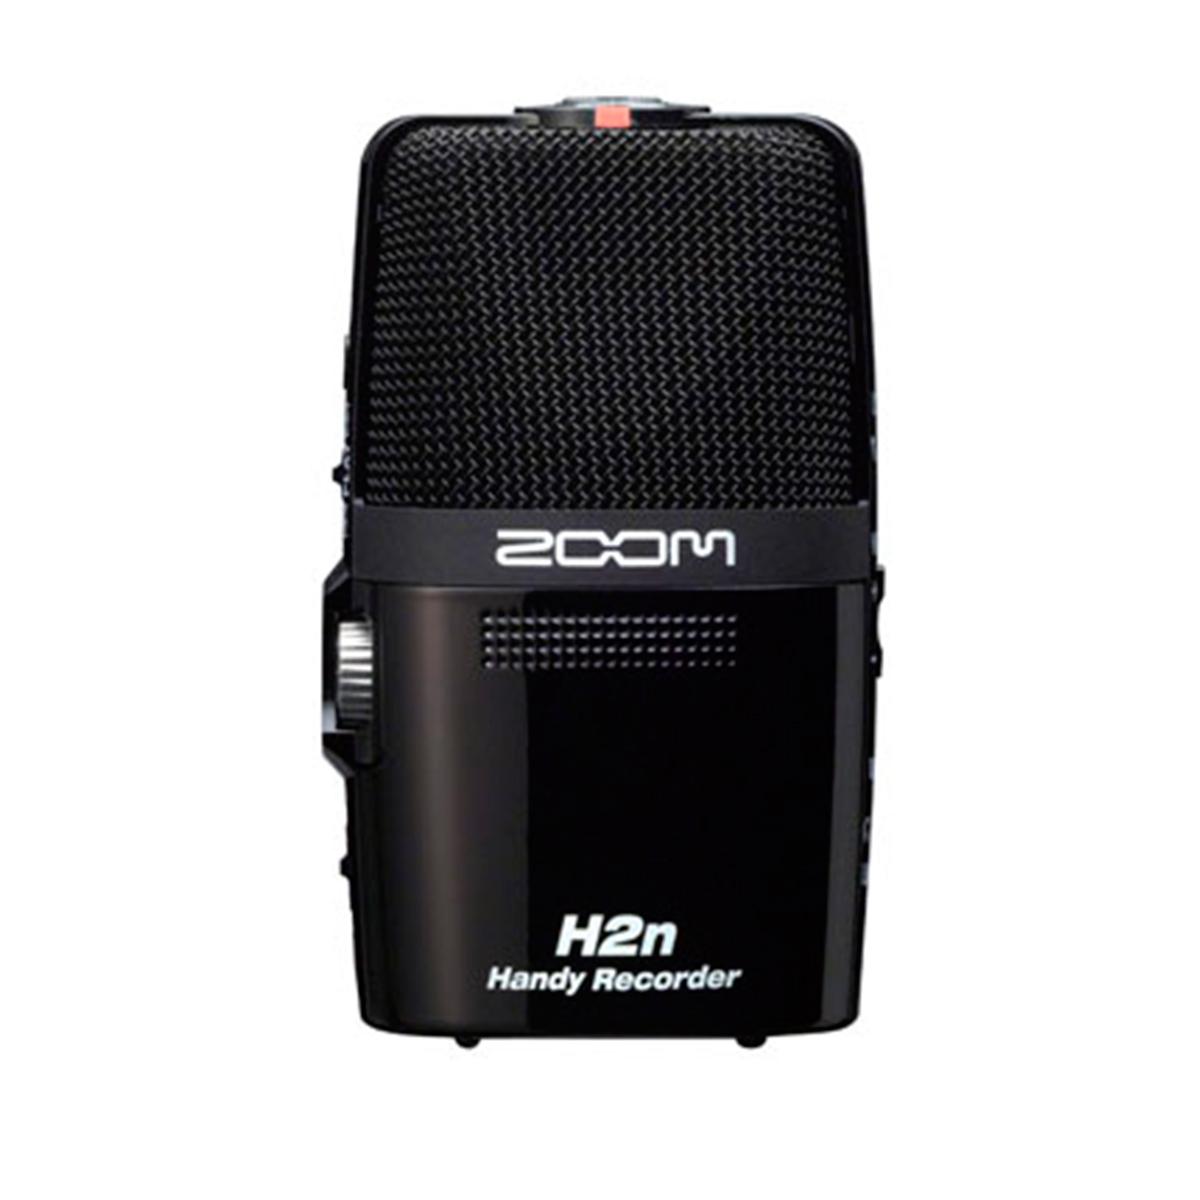 H2n - Gravador Digital de Áudio H 2 n - Zoom